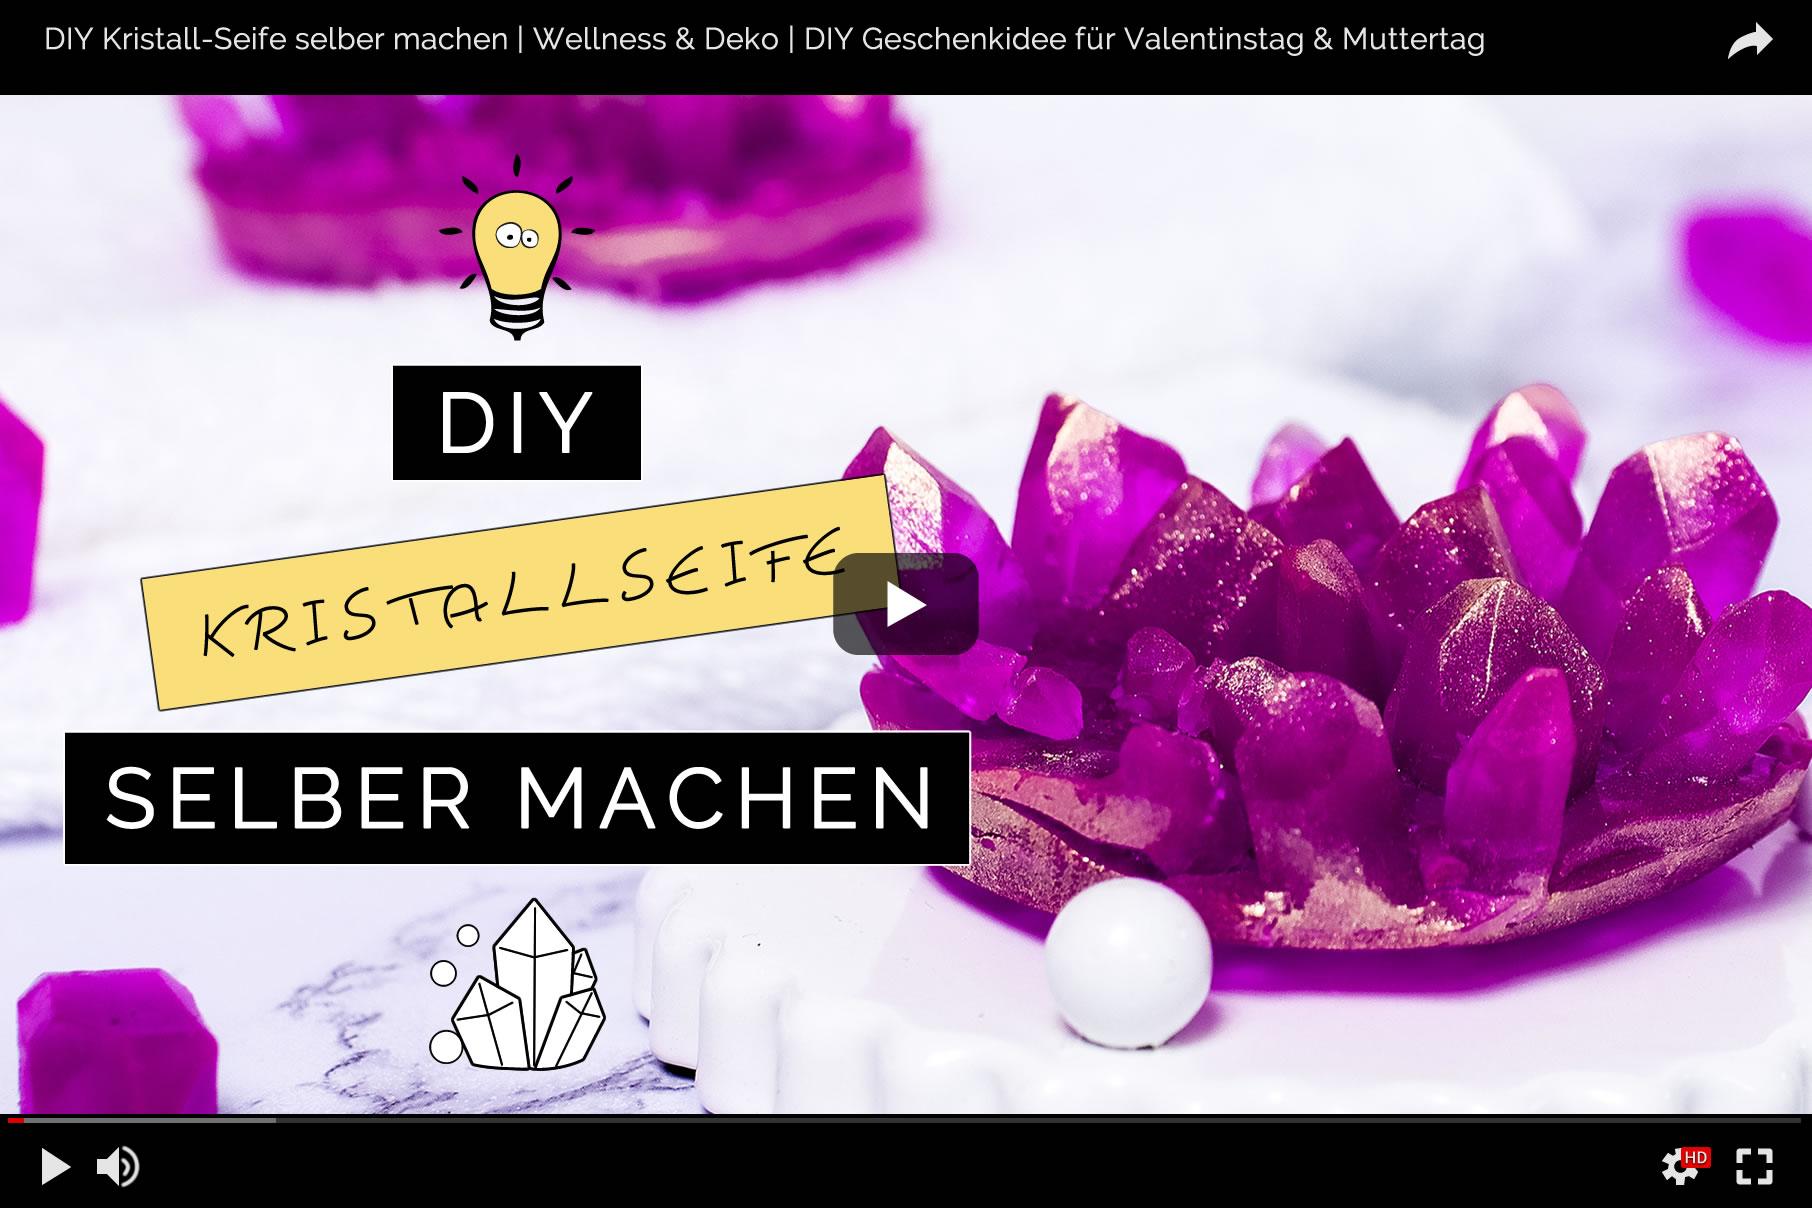 DIY Geschenkidee für Valentinstag oder Muttertag: Kristall-Seife selber machen | Filizity.com | Beauty & DIYBlog aus dem Rheinland #seife #valentinstag #muttertag #geschenkidee